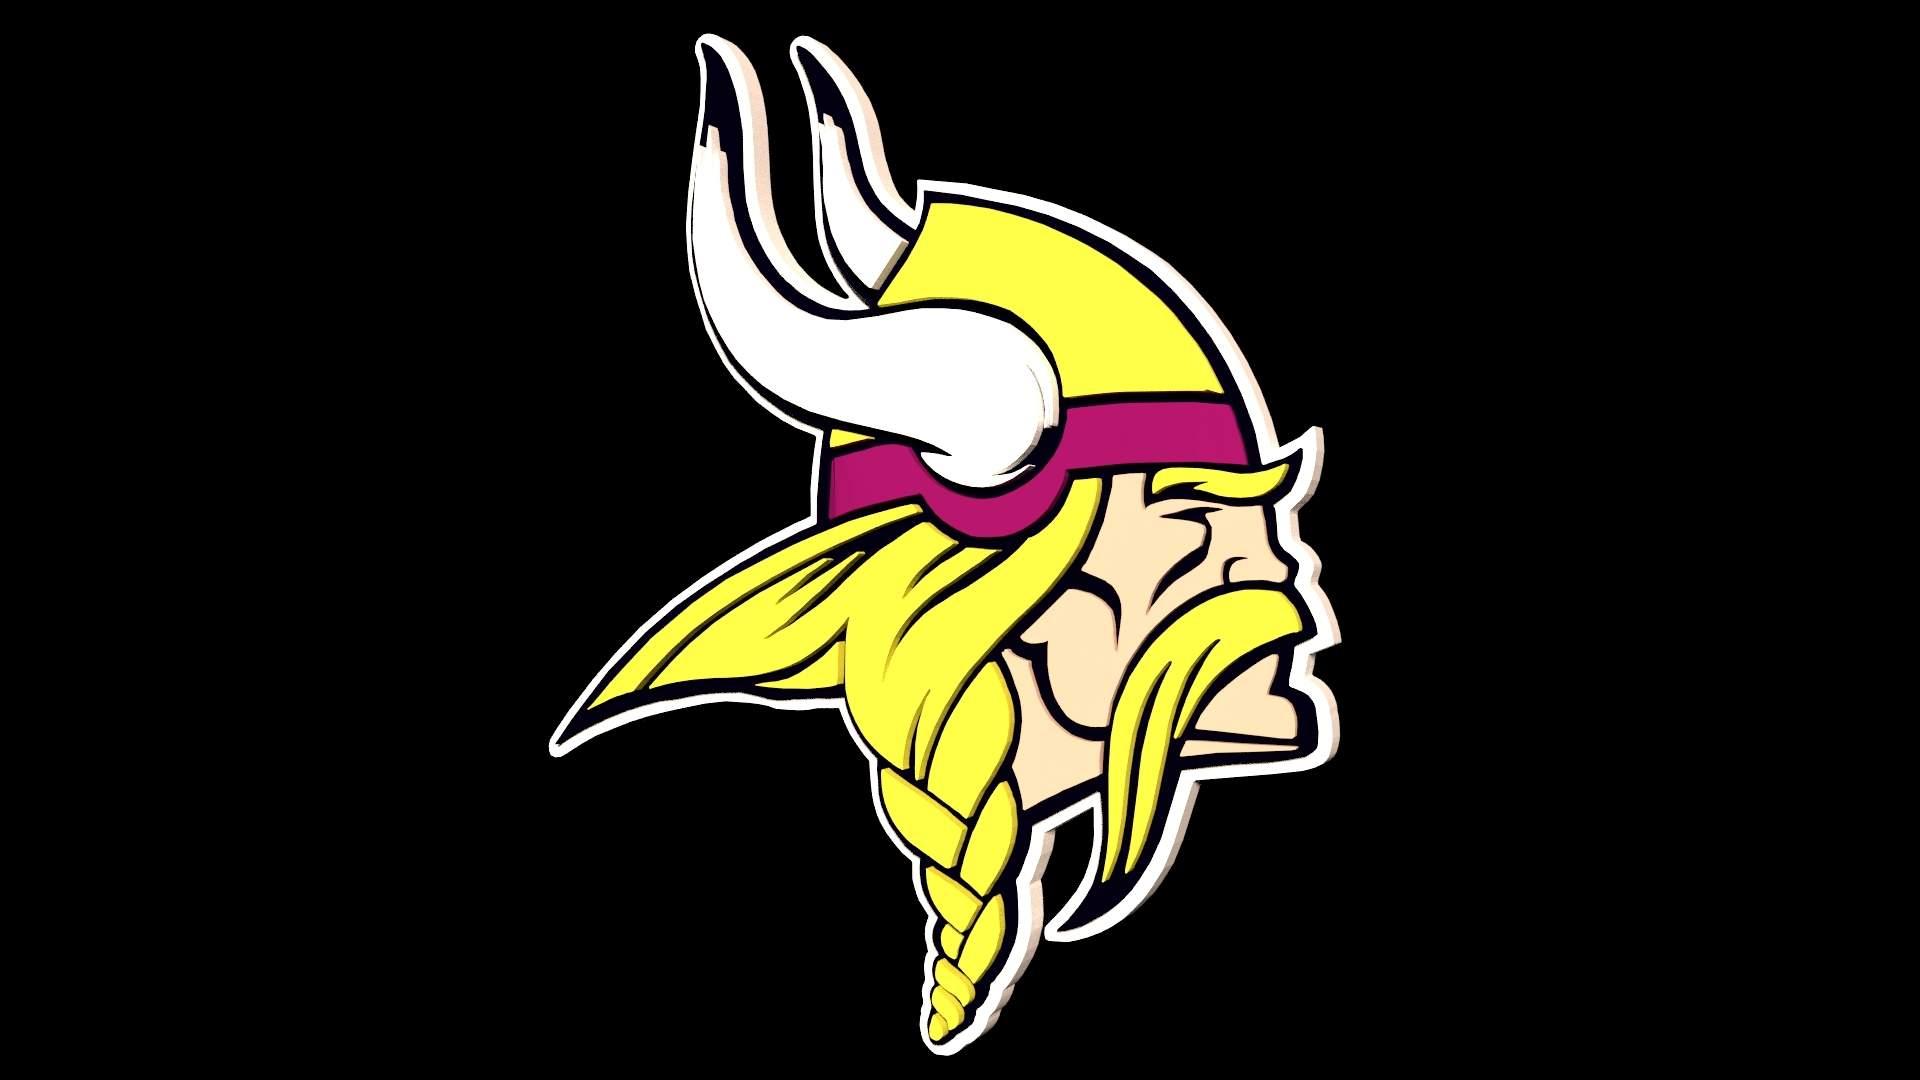 Vikings NFL Logo 3D Model.